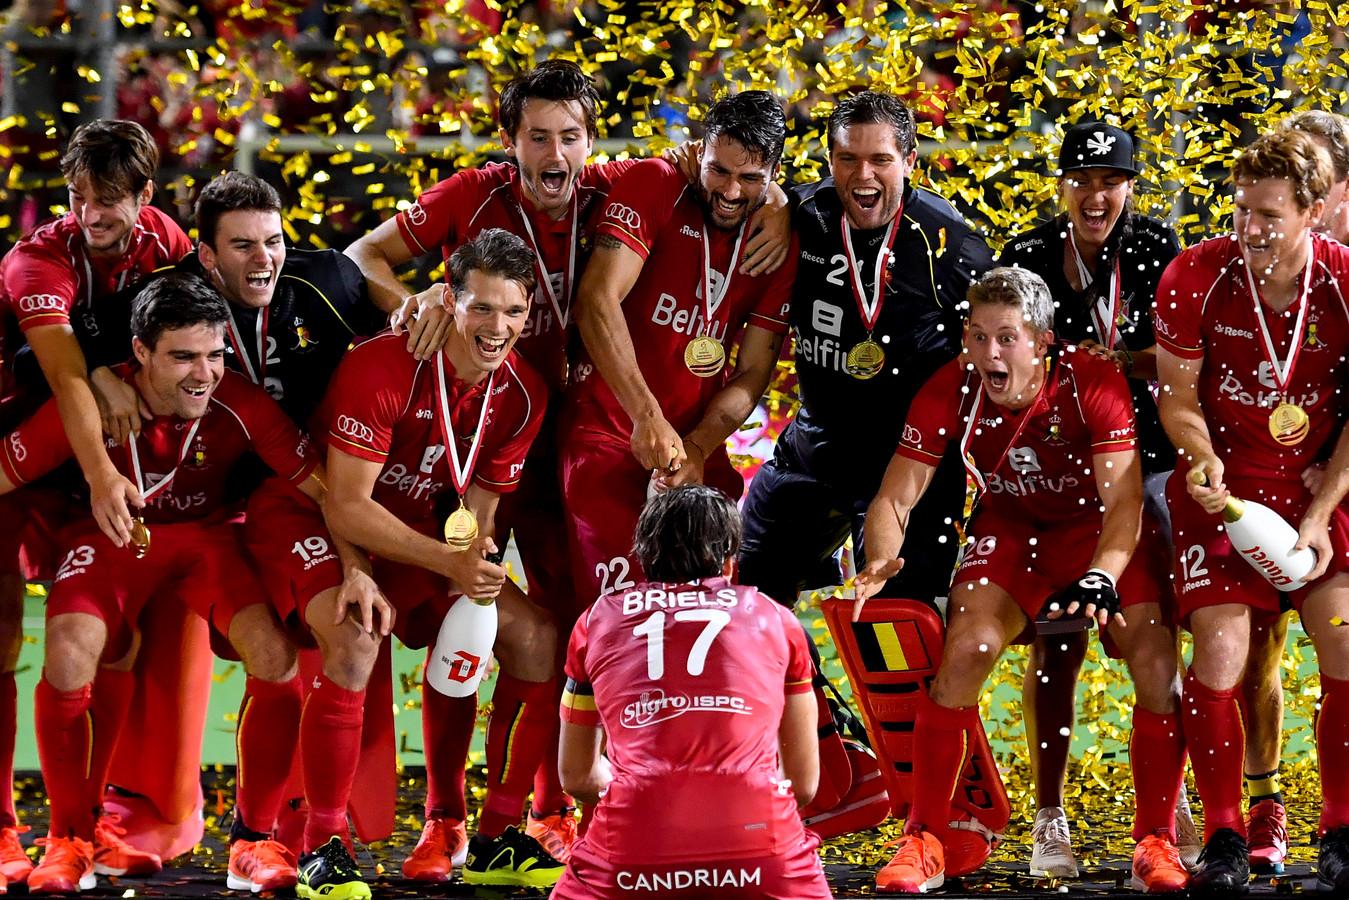 Dolle vreugde bij de Belgische hockey-mannen: na hun zege op het WK pakten ze in augustus ook goud op het EK in eigen land.